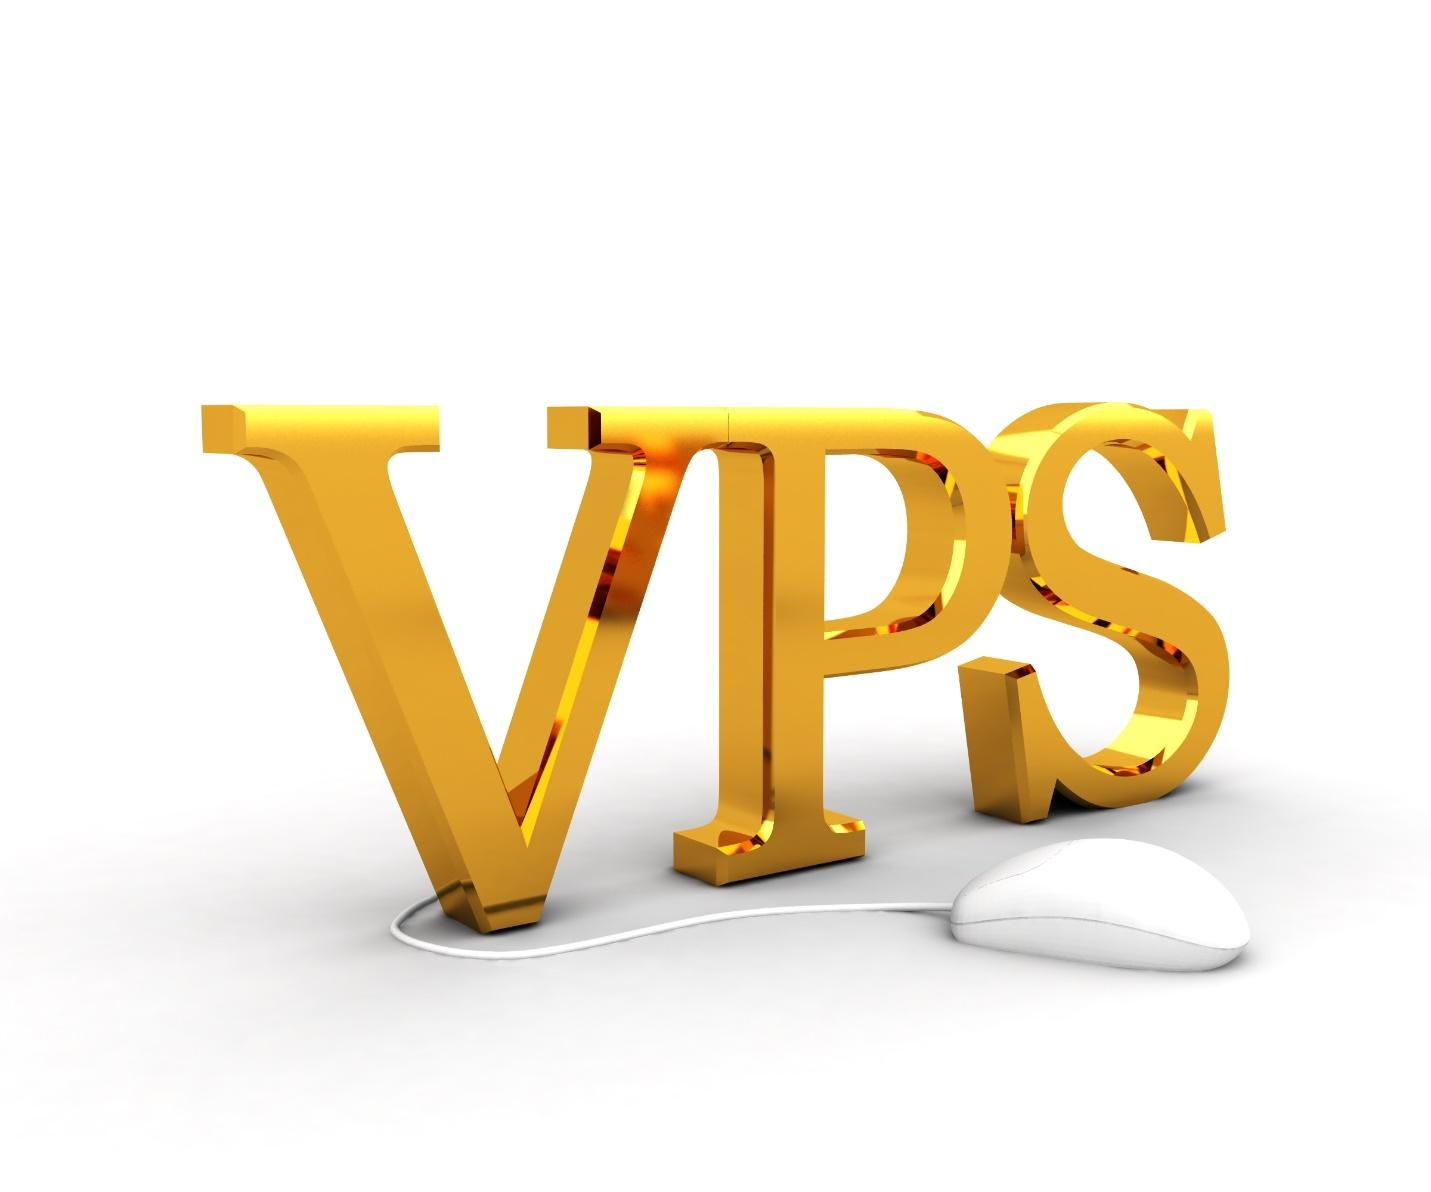 Thuê VPS ở đâu hợp lý nhất?